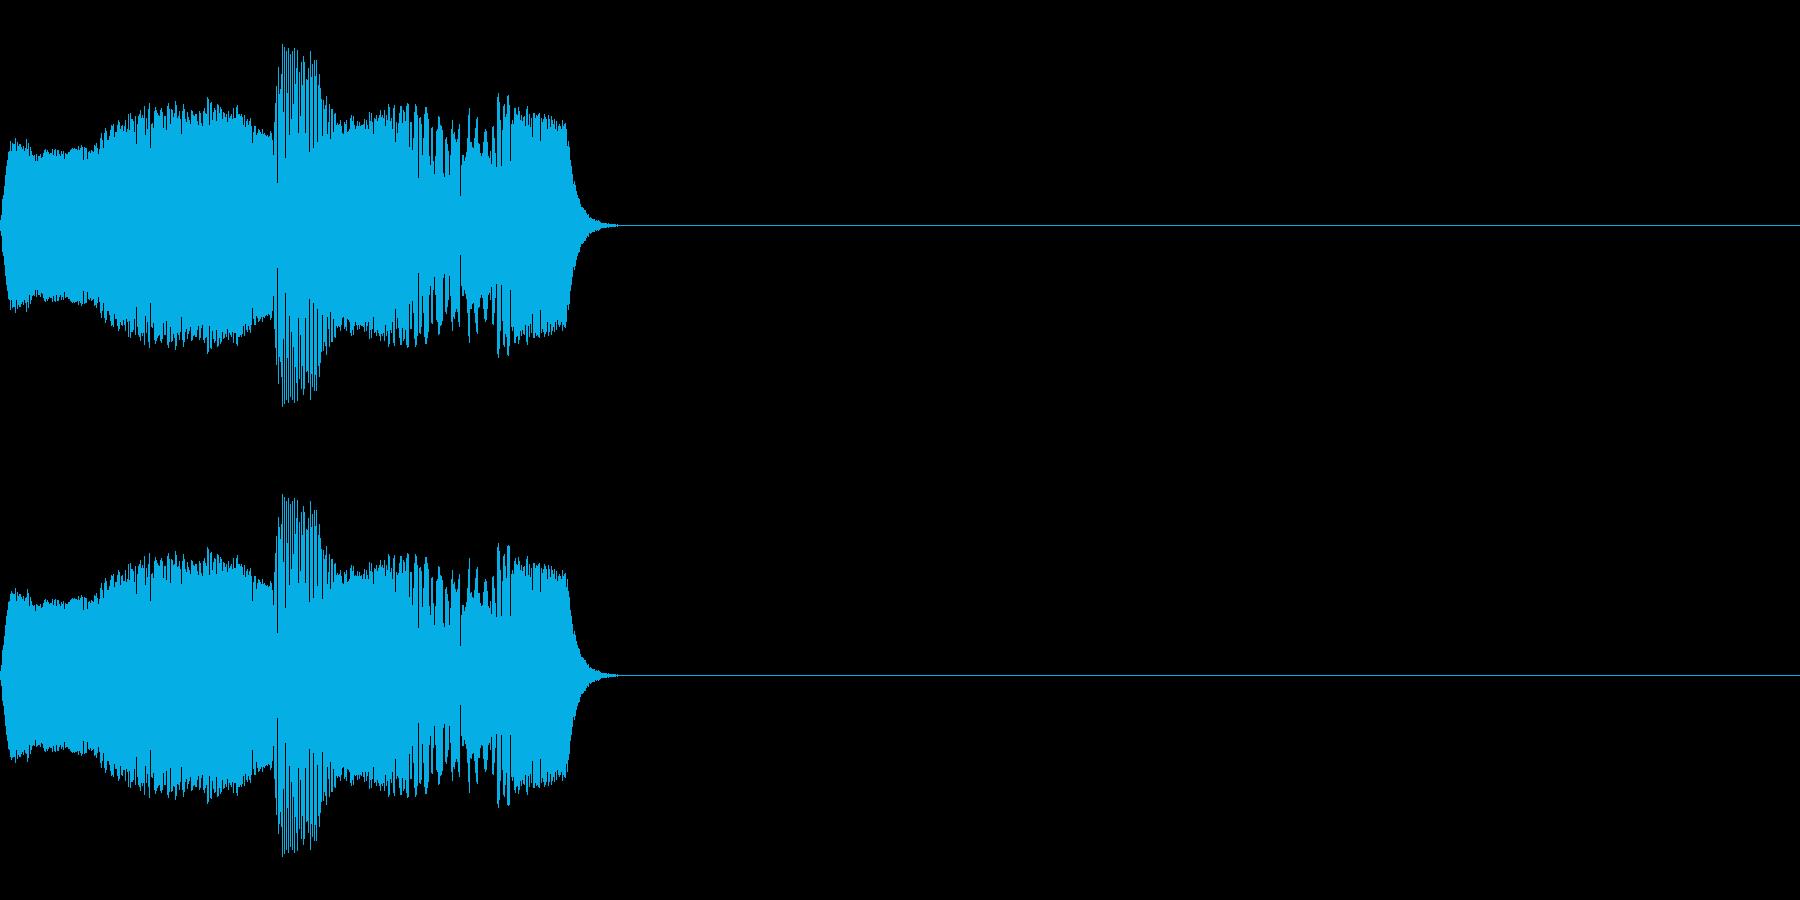 コミカルな足音、ボタン音などのイメージの再生済みの波形